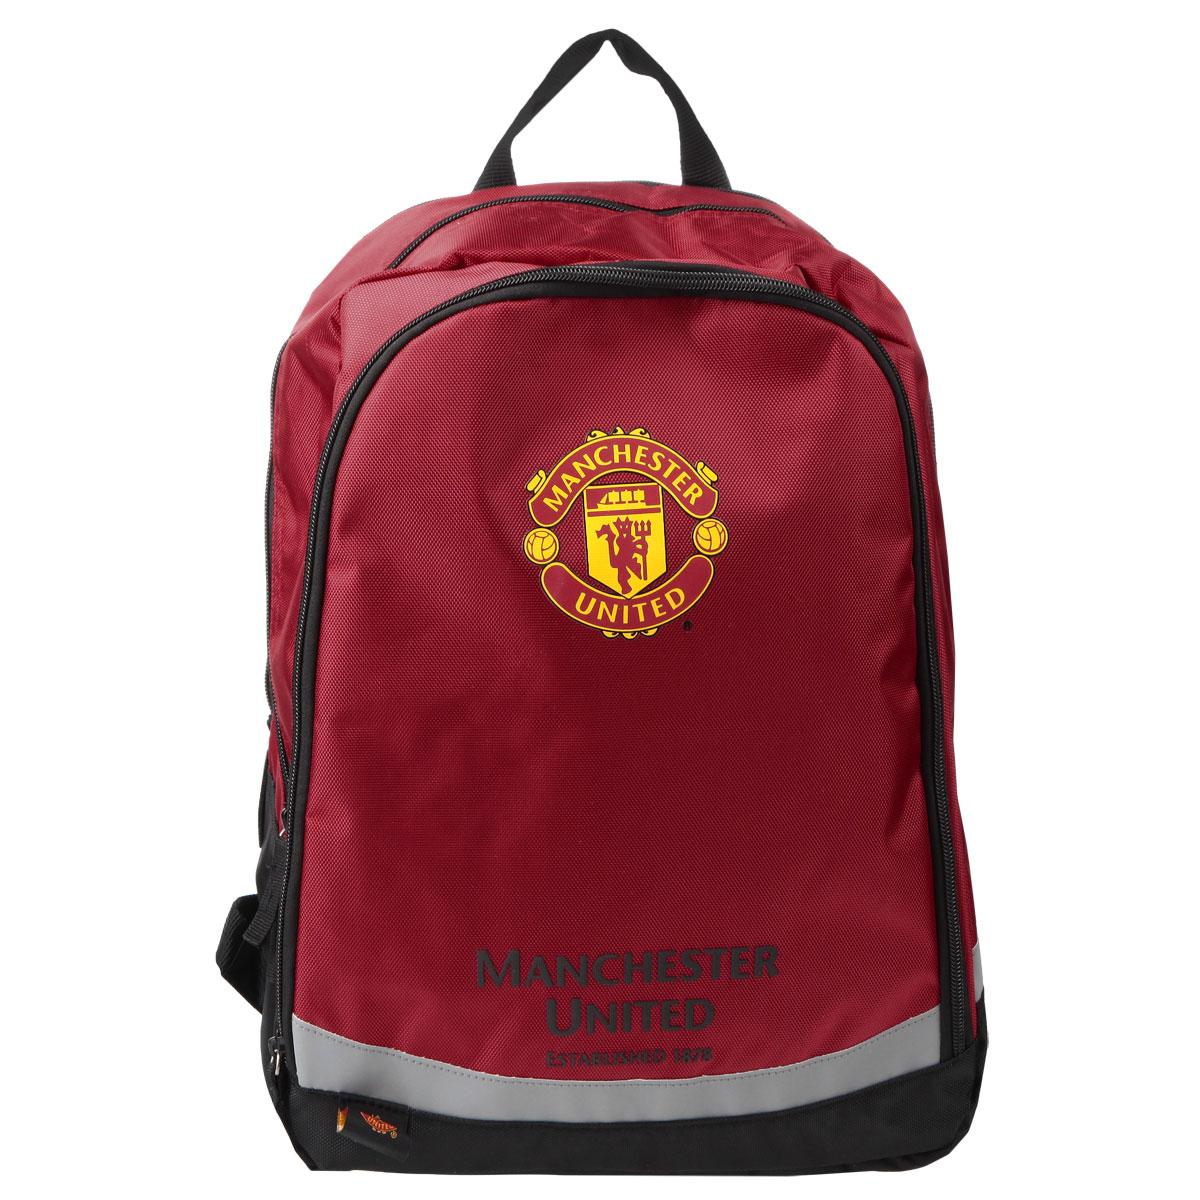 Рюкзак детский FC Manchester United, цвет: красныйMTBB-UT1-7042Рюкзак FC Manchester United - это идеальная модель для учебы, занятий спортом или отдыха. Два вместительных отделения на молнии позволят рационально разместить школьные принадлежности или спортивную форму. Дополнительный фронтальный карман закрывается на молнию и предназначен для средних и мелких предметов. Спинка выполнена из поролона со специальной воздухообменной сеткой, обеспечивая максимальный комфорт. Увеличенная ширина лямок позволяет снизить нагрузку на надплечье, а регулируемая длина гарантирует, что рюкзак подойдет для любого роста. Светоотражающие элементы на лямках и корпусе рюкзака обеспечивают безопасность в темное время суток. Лаконичный и сдержанный дизайн рюкзака подчеркнет индивидуальность и порадует юных поклонников легендарного британского клуба своей функциональностью.